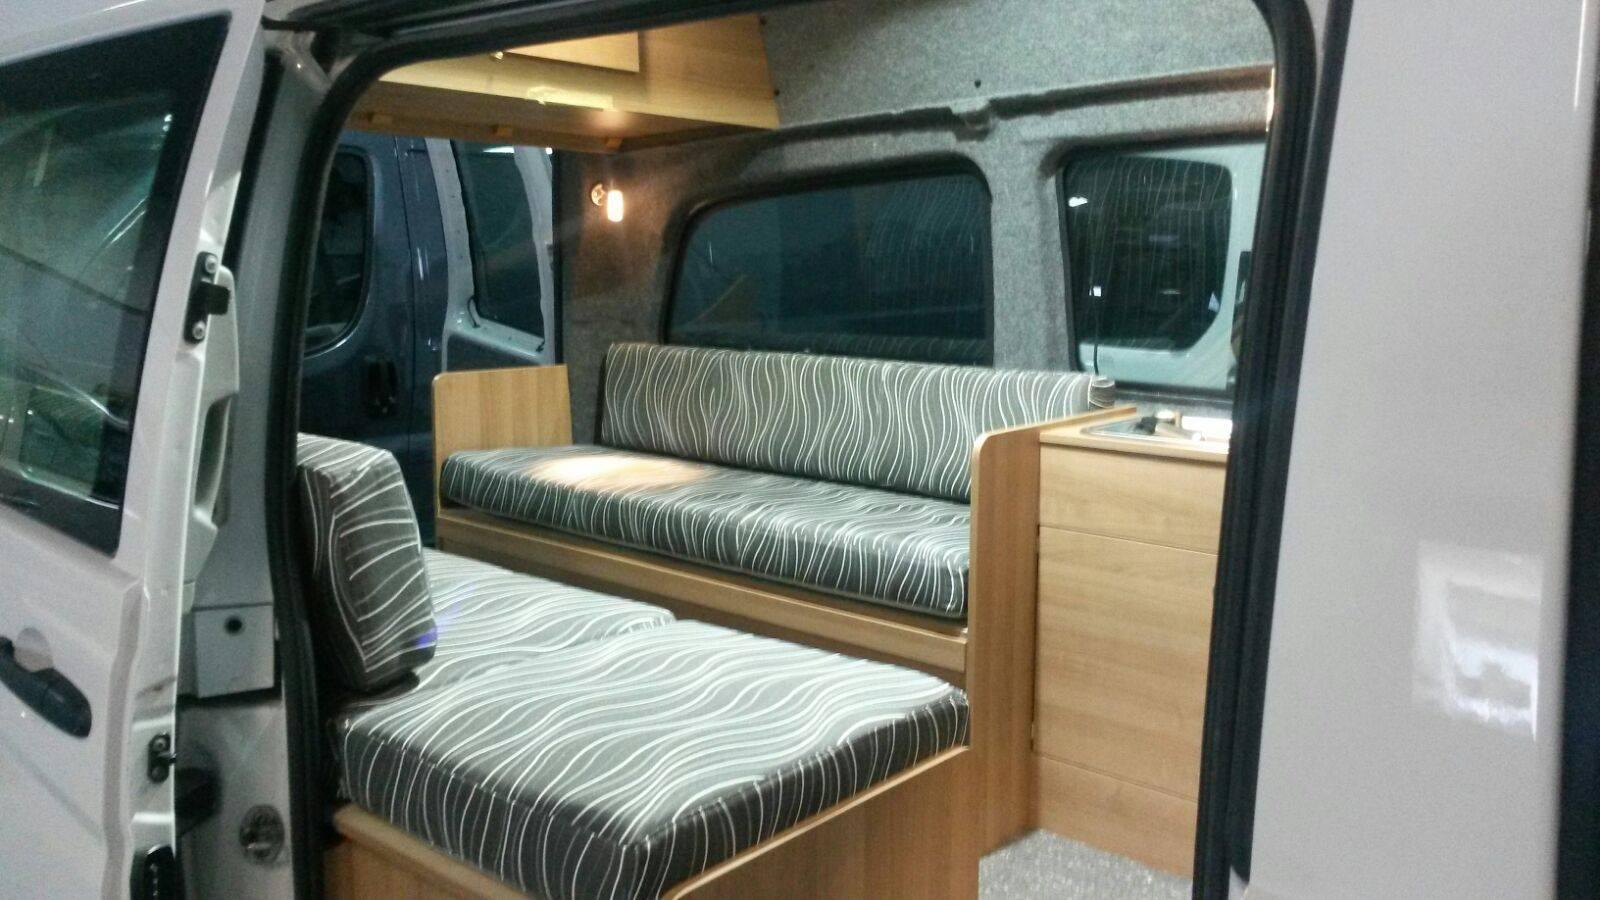 Schuimrubber voor caravankussens schuimrubber op maat bestel nu makkelijk online - Kussen caravan ...